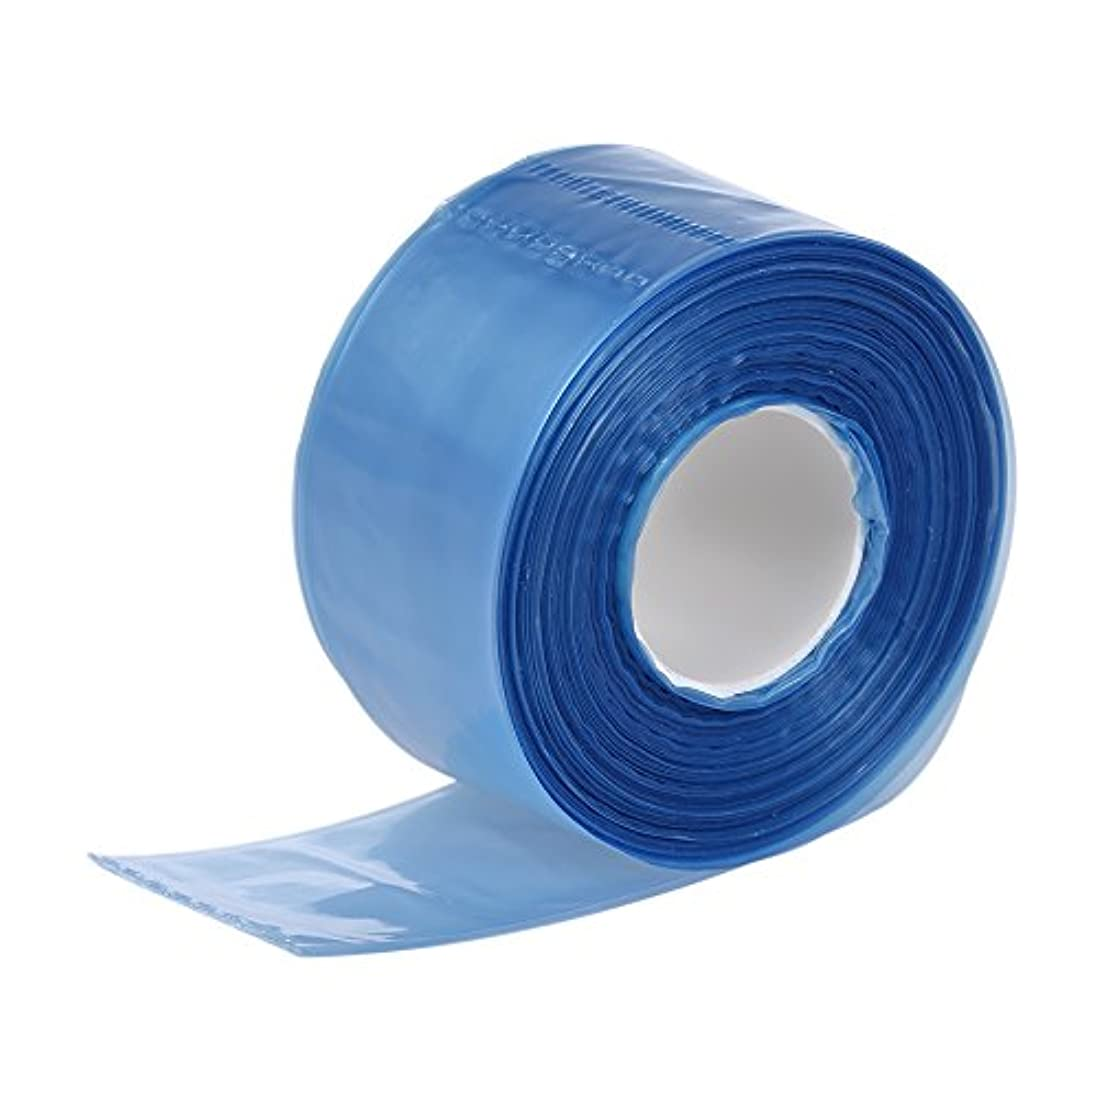 関数人気仲間、同僚Decdeal 200pcs / ボックス メガネの足のためのプラスチック 使い捨てのカバー 細長い袋の髪の着色染色DIYツール